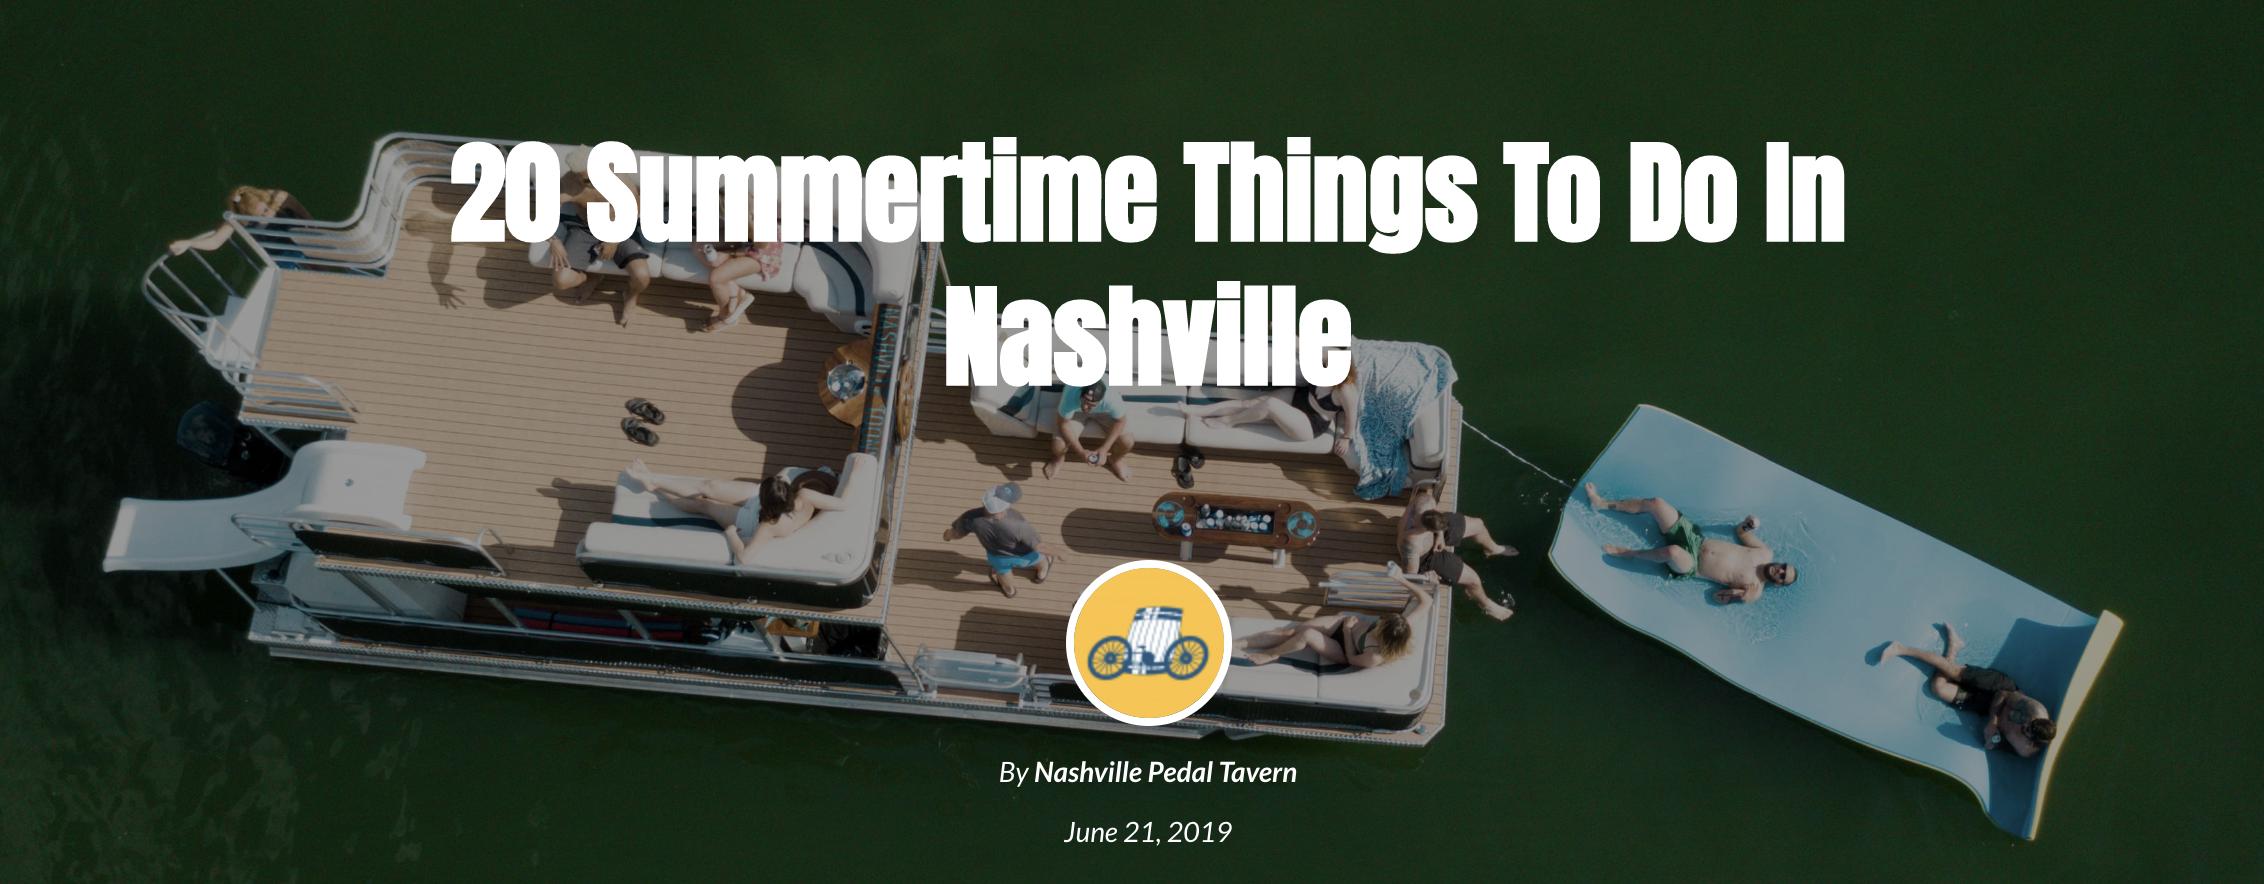 Top 20 Summertime Activities in Nashville feat River Queen Voyages